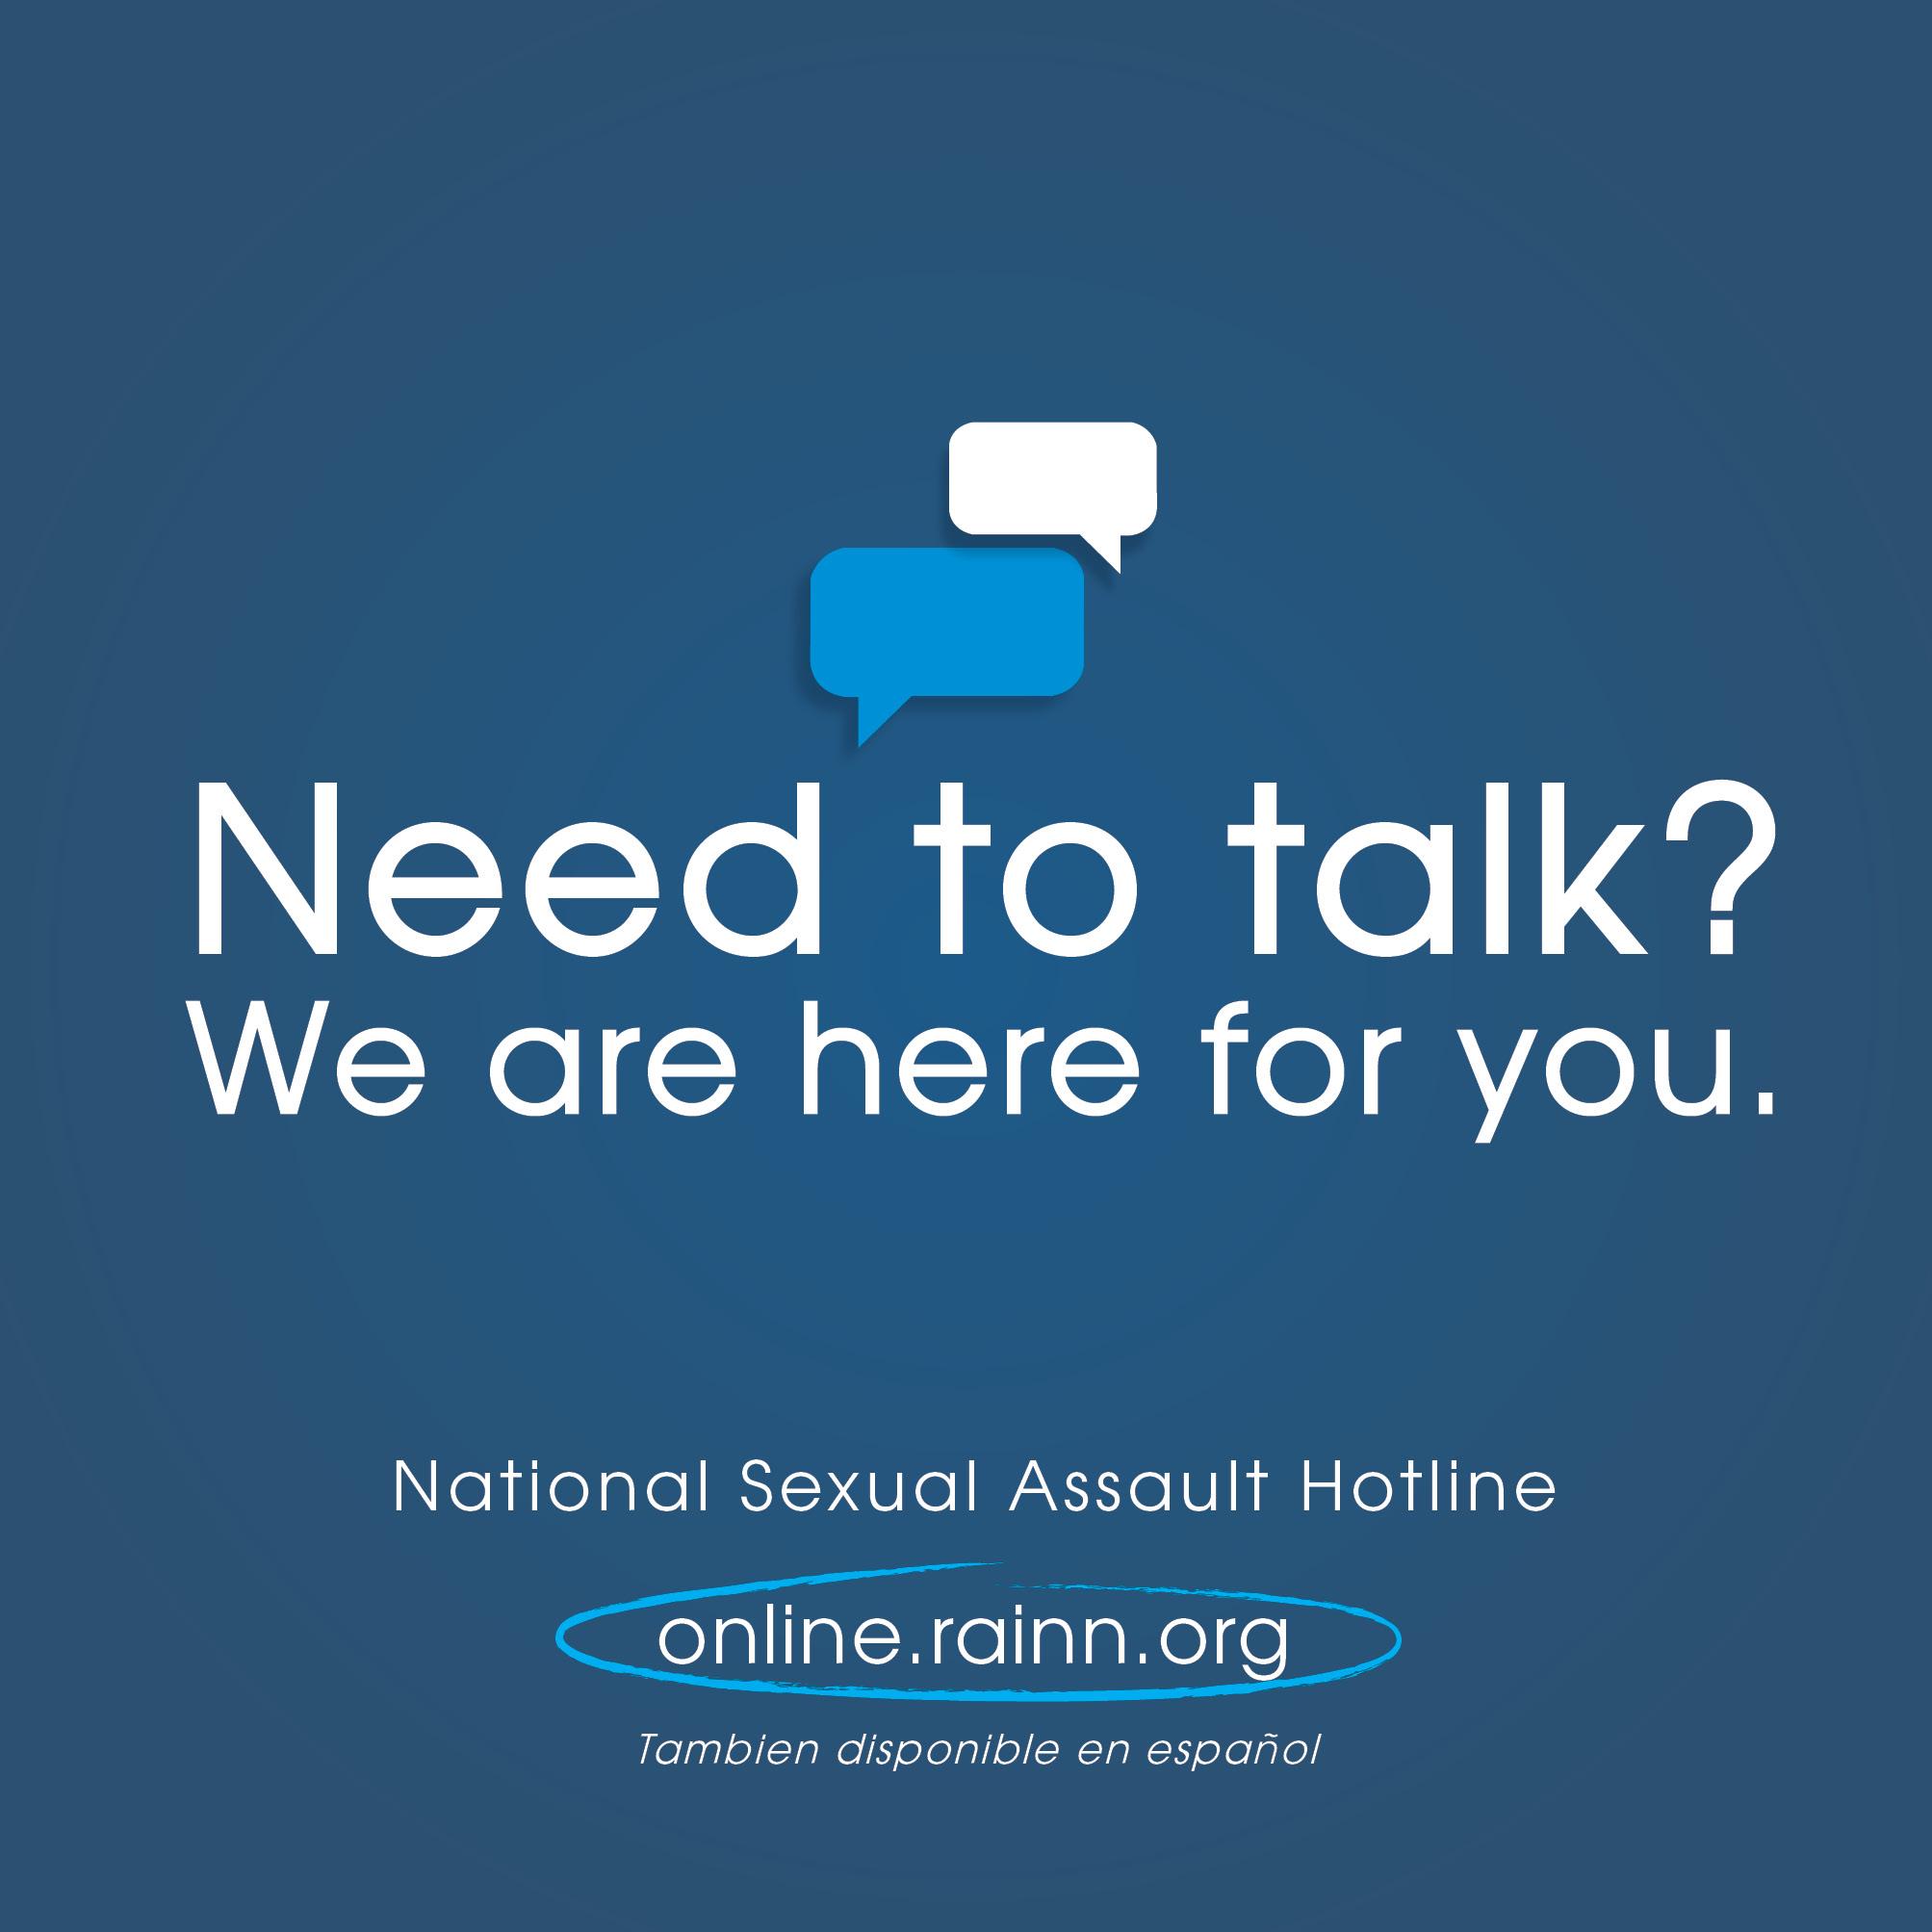 National Sexual Assault Hotline | RAINN